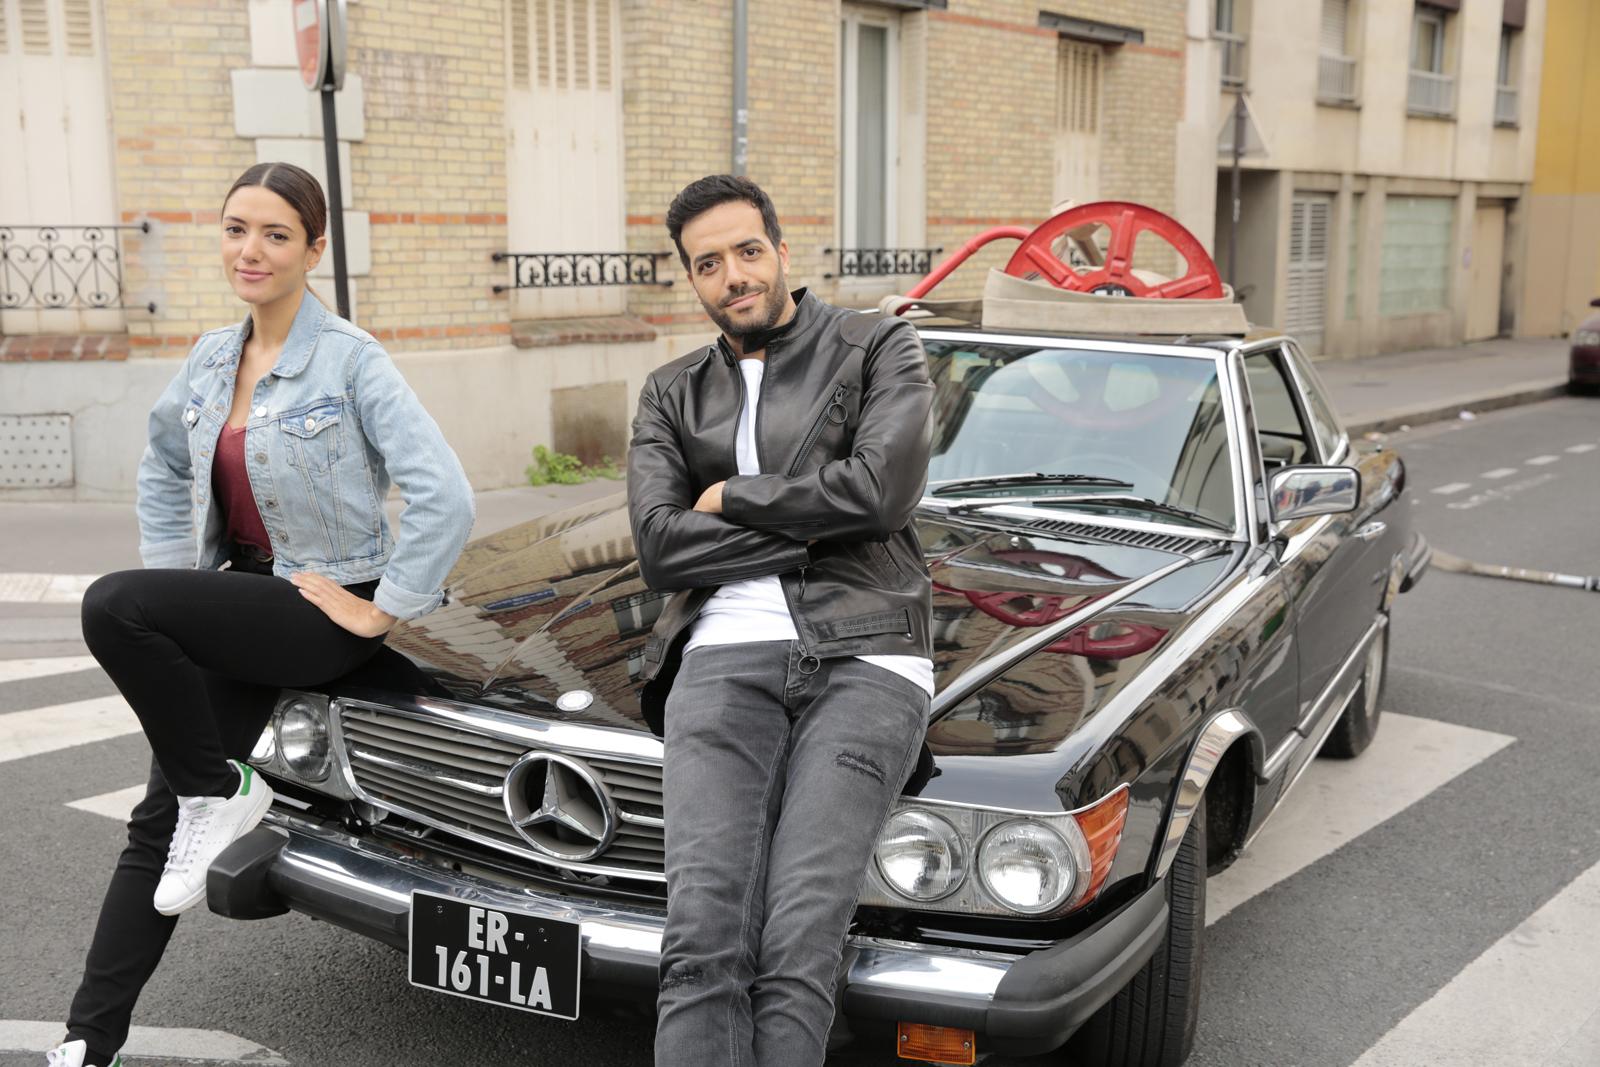 30 Jours max : nouvelle bande-annonce pour la comédie de Tarek Boudali